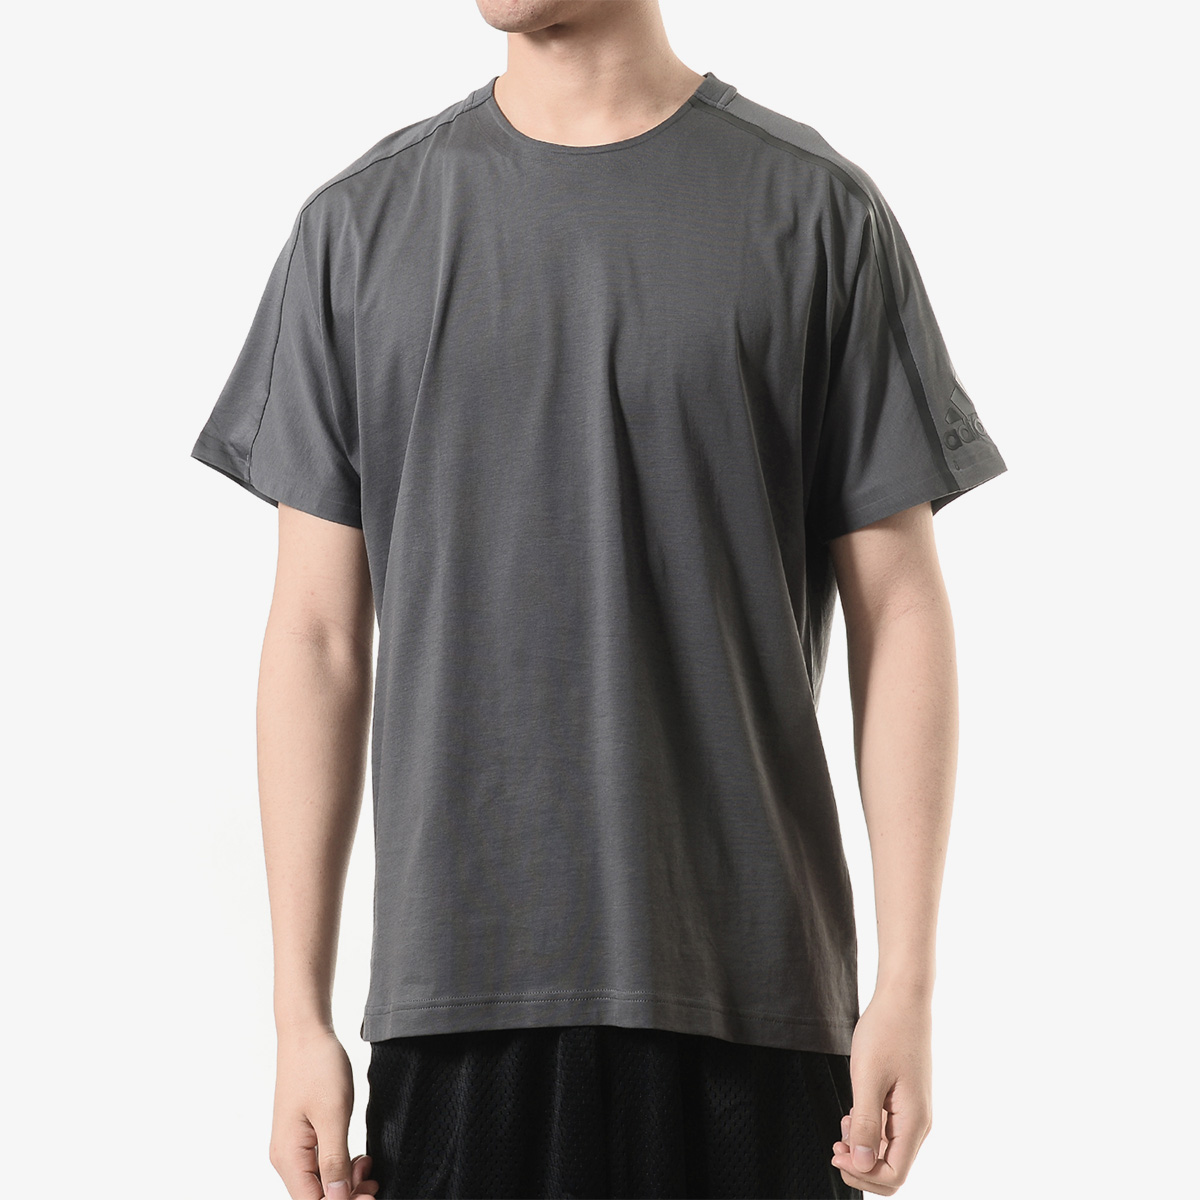 阿迪达斯adidas 男子 运动休闲舒适 短袖T恤 DW9350